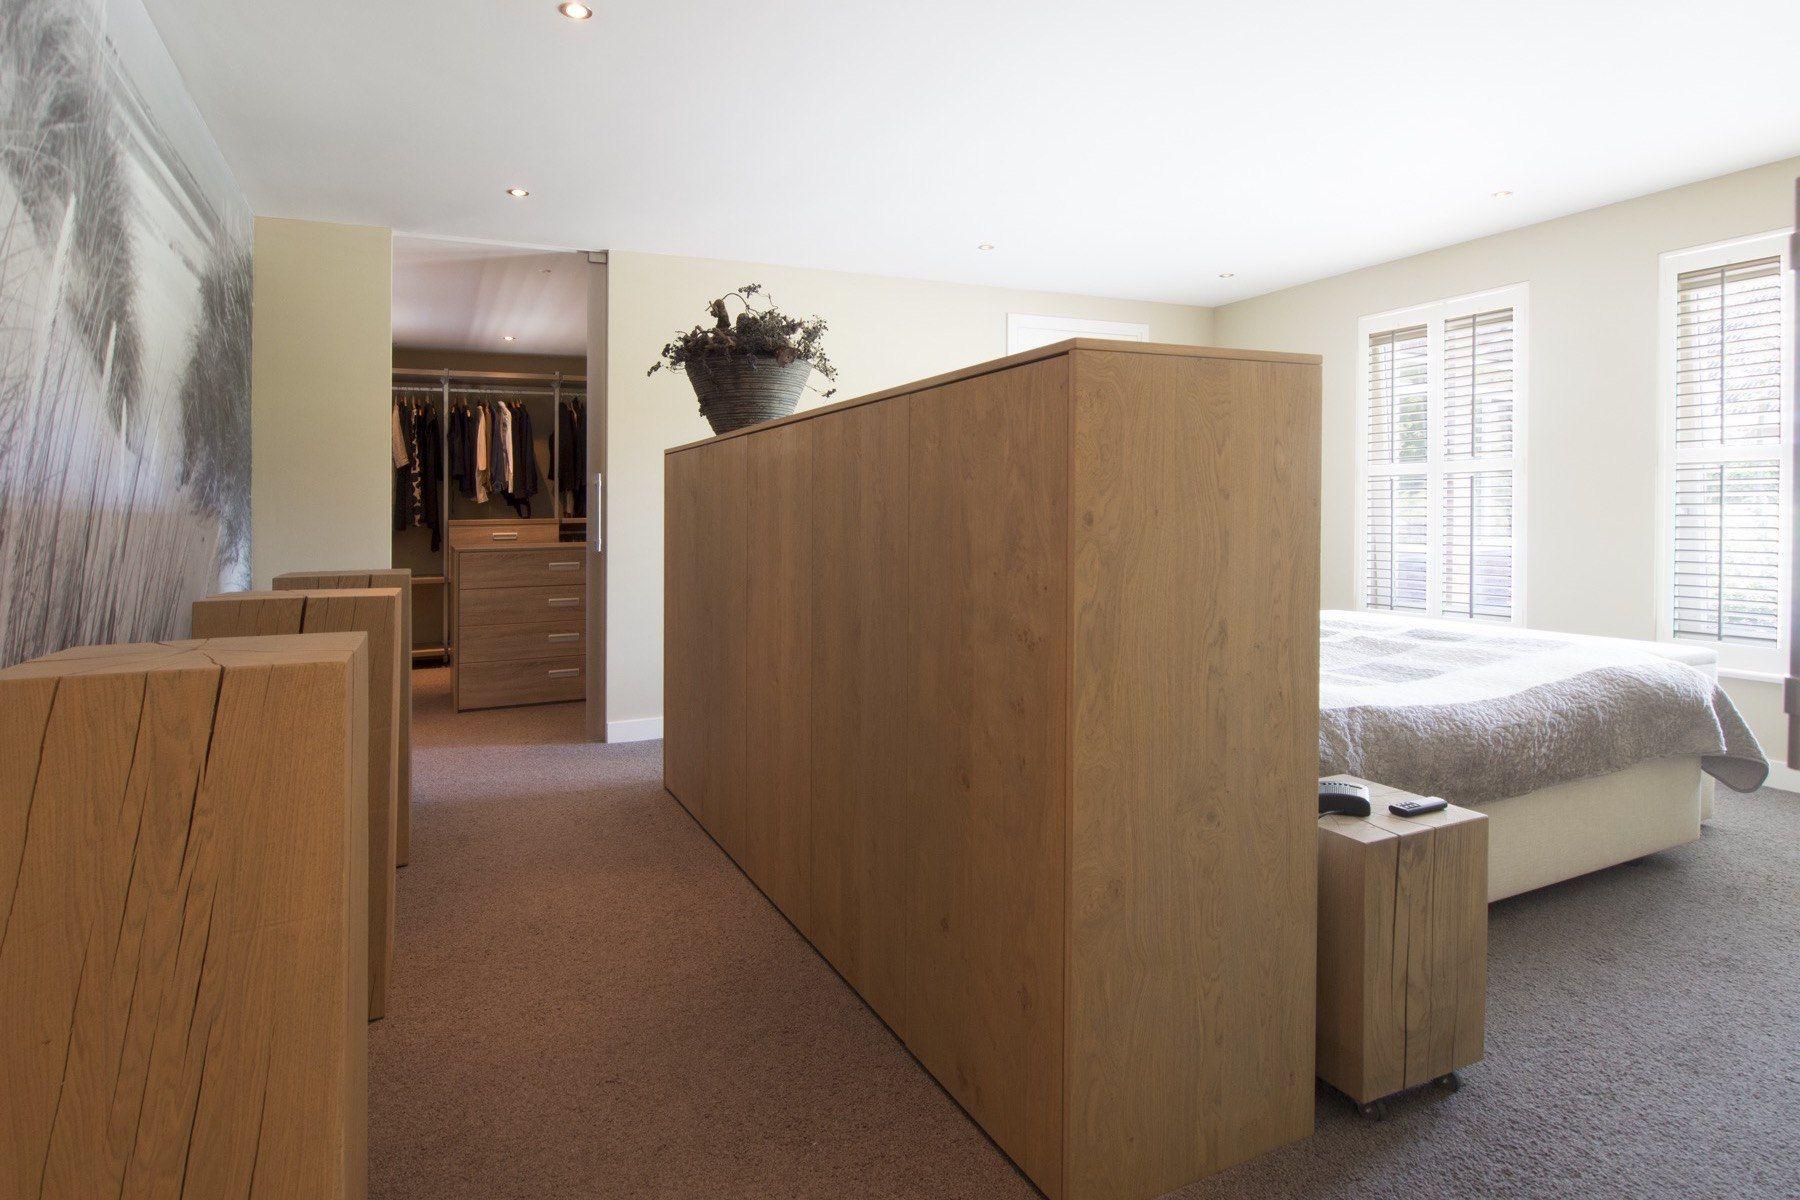 Slaapkamer met room divider en inloopkast | Woning: Master bedroom ...